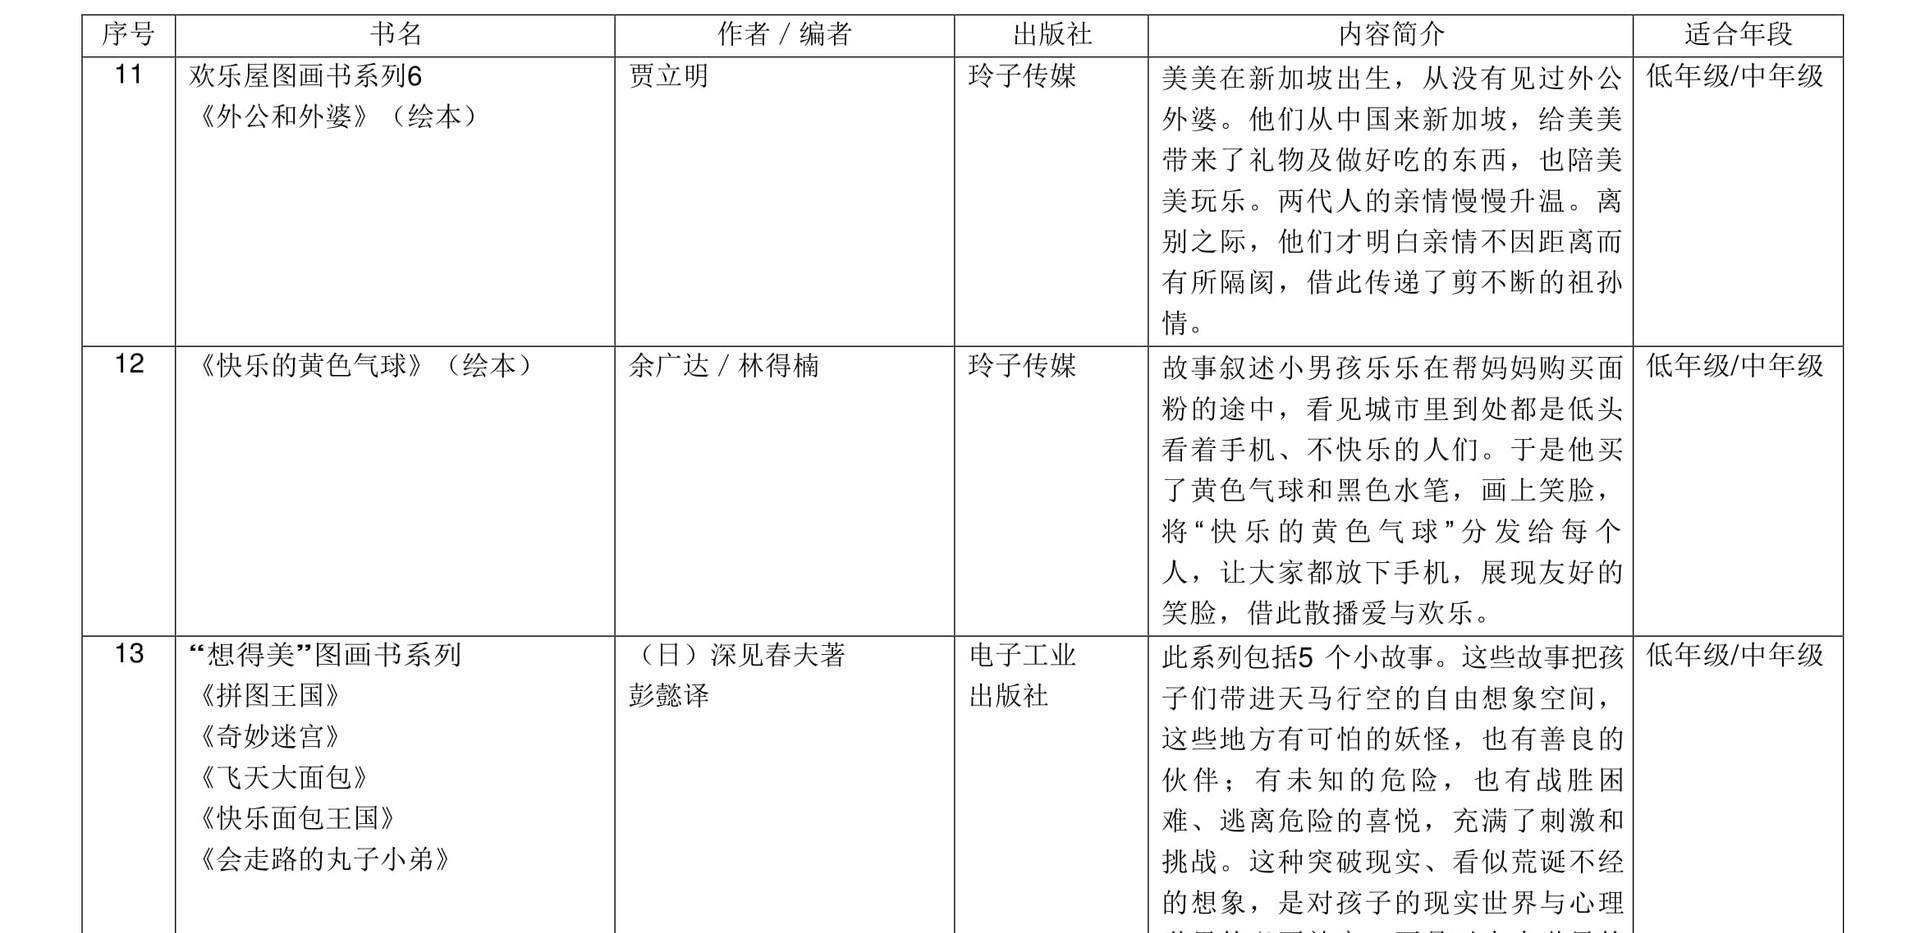 小学华文课外读物参考书目4.jpg